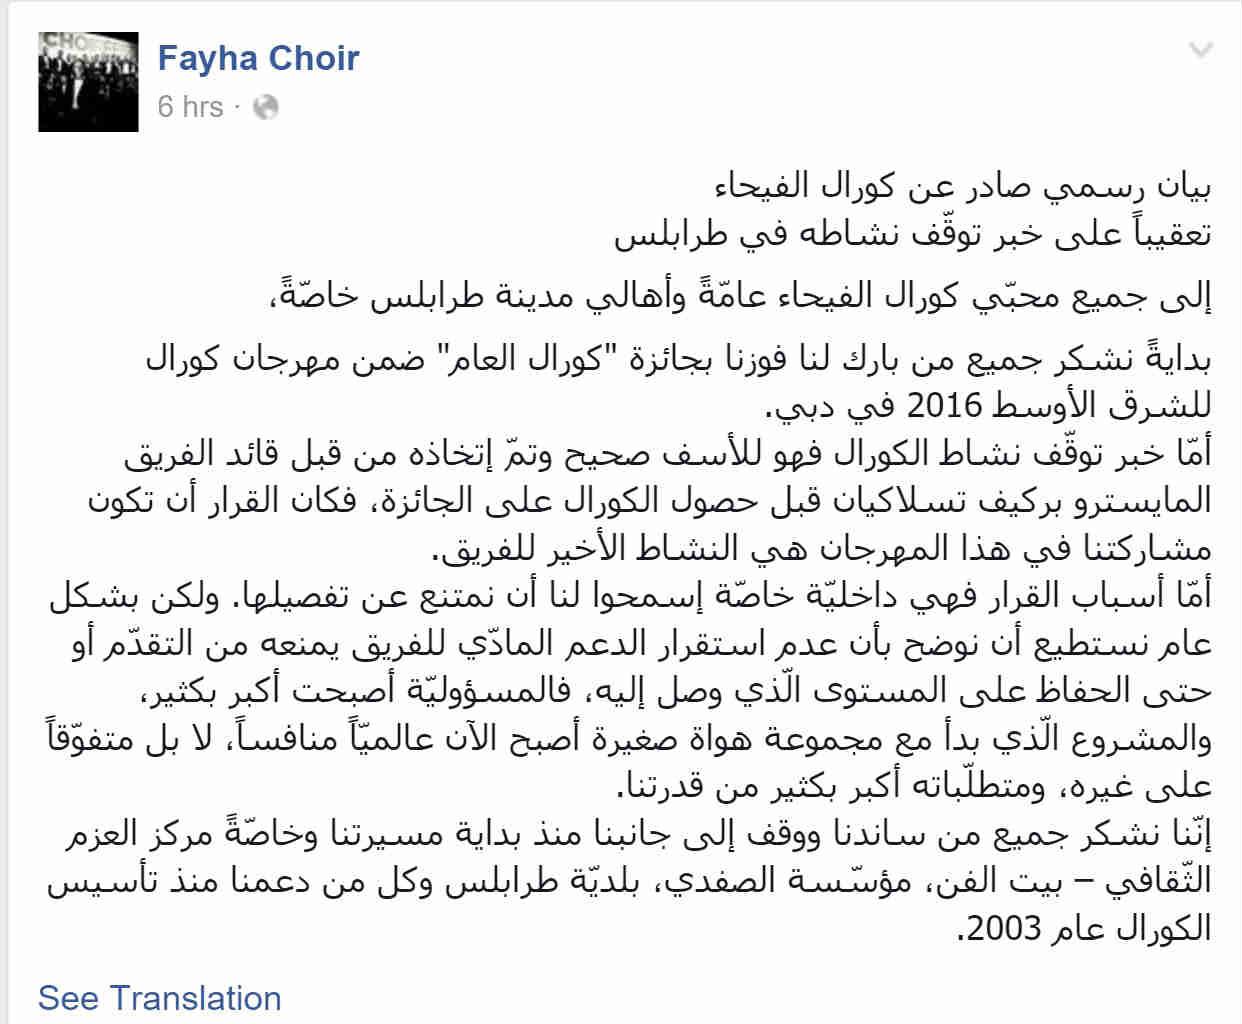 Fayha